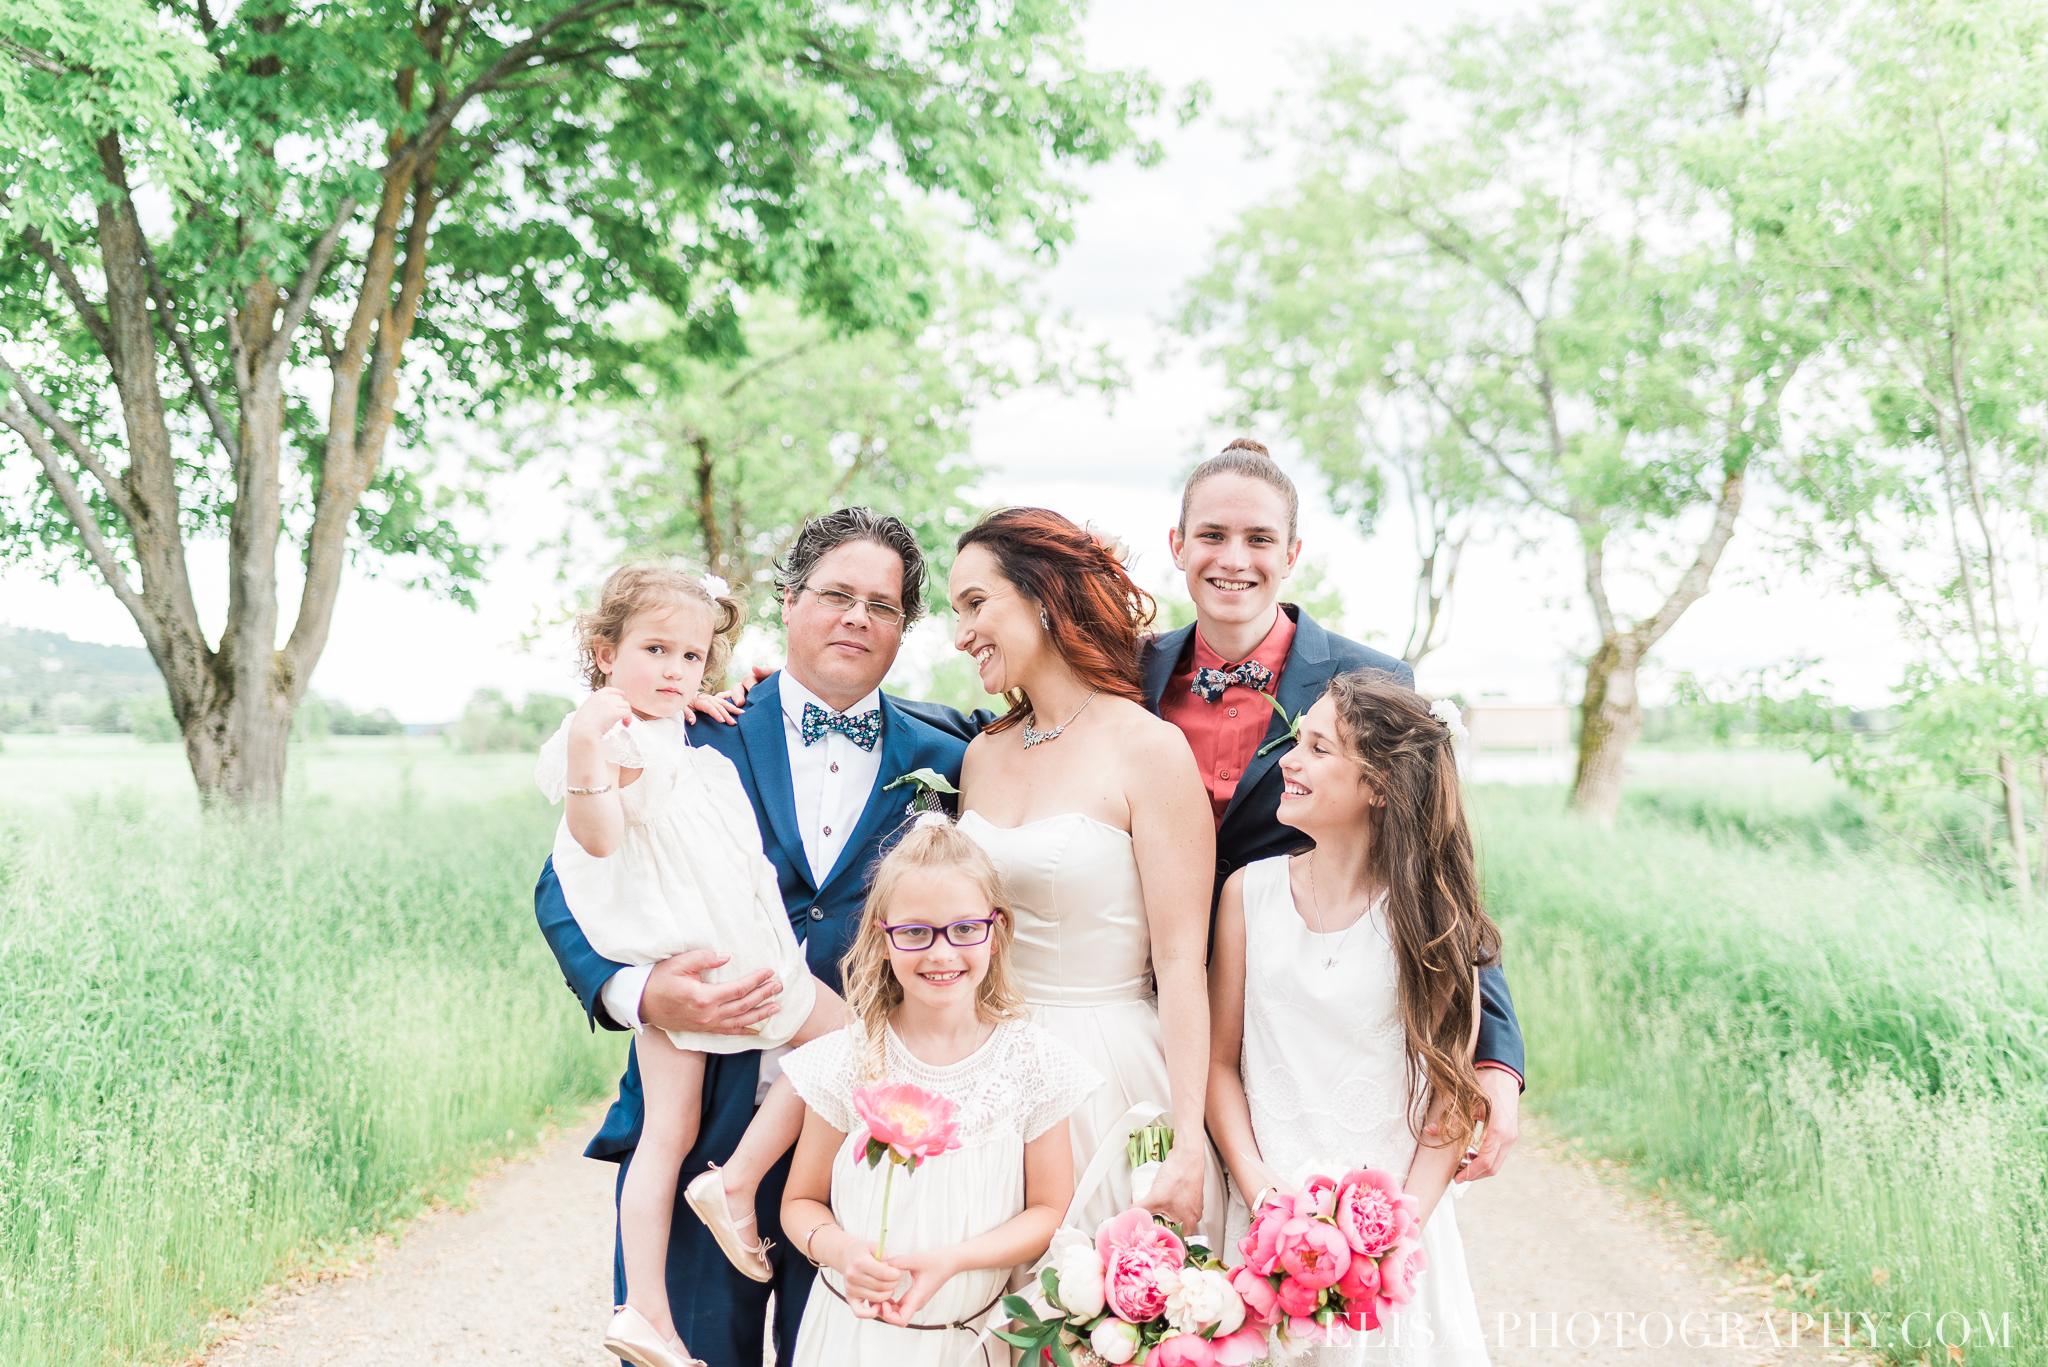 mariage famille enfants le germain charlevoix photo 9500 - Chronologie d'un mariage | Horaire idéal pour vos photos